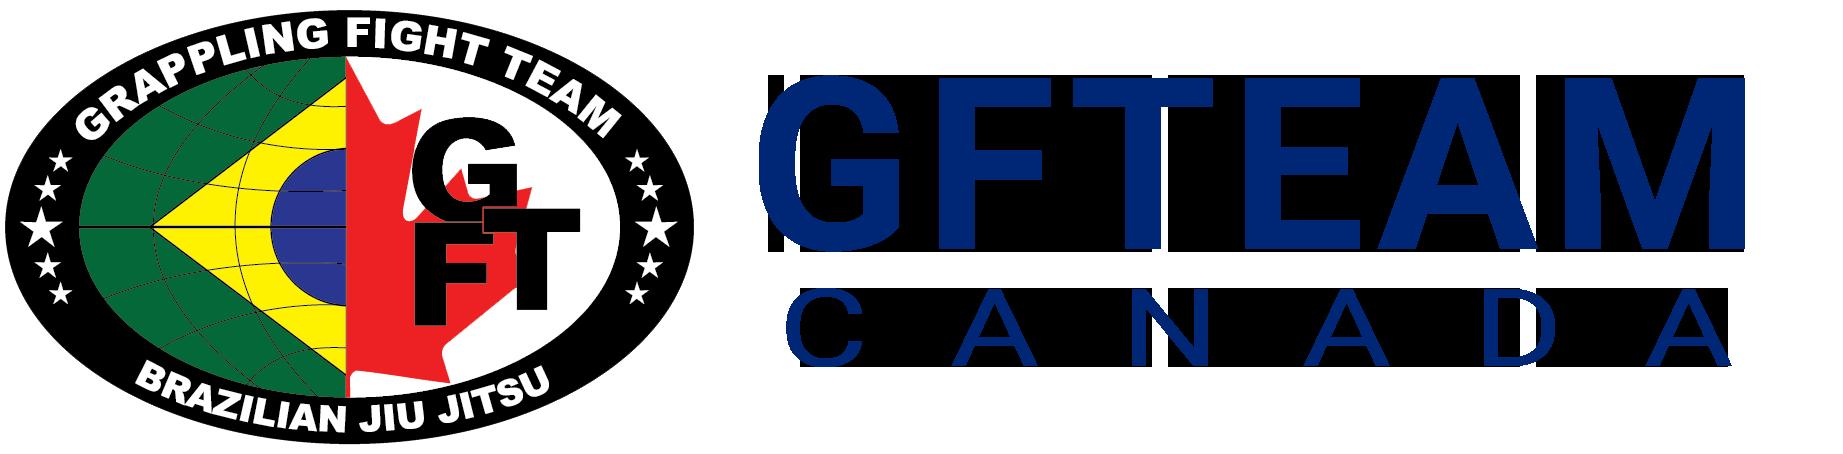 GFTeam Canada | Brazilian Jiu Jitsu | Burnaby, British Columbia